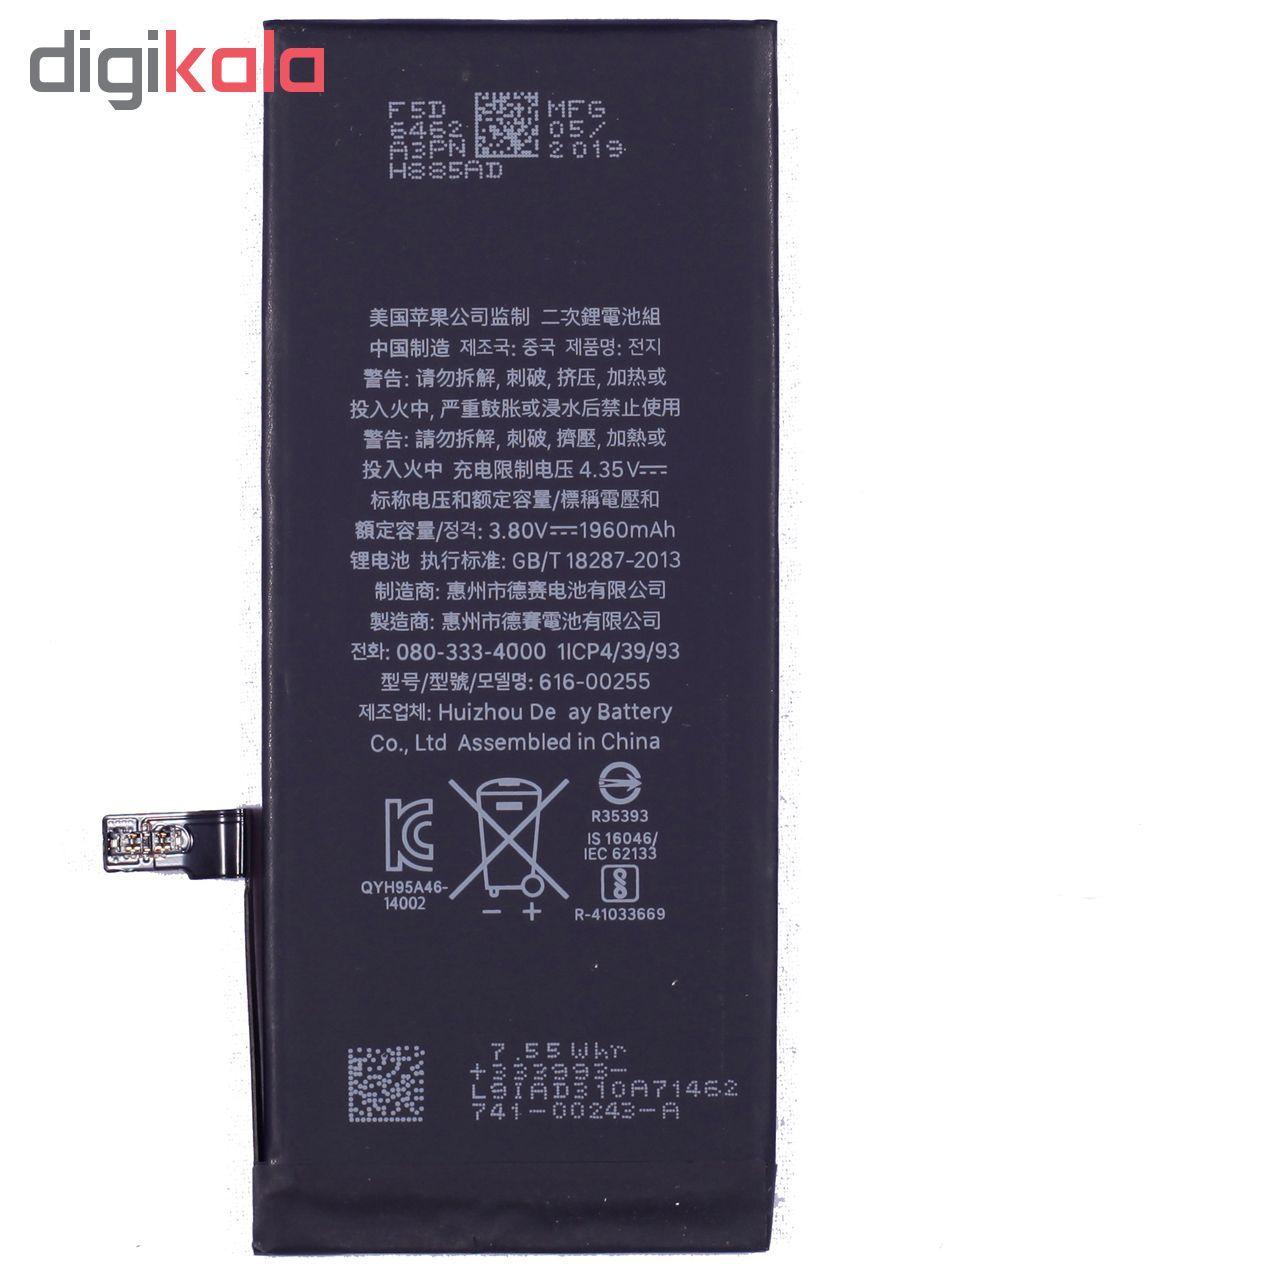 باتری موبایل مدل 00259-616 APN با ظرفیت 1960 میلی آمپر ساعت مناسب برای گوشی موبایل اپل iPhone 7 main 1 1